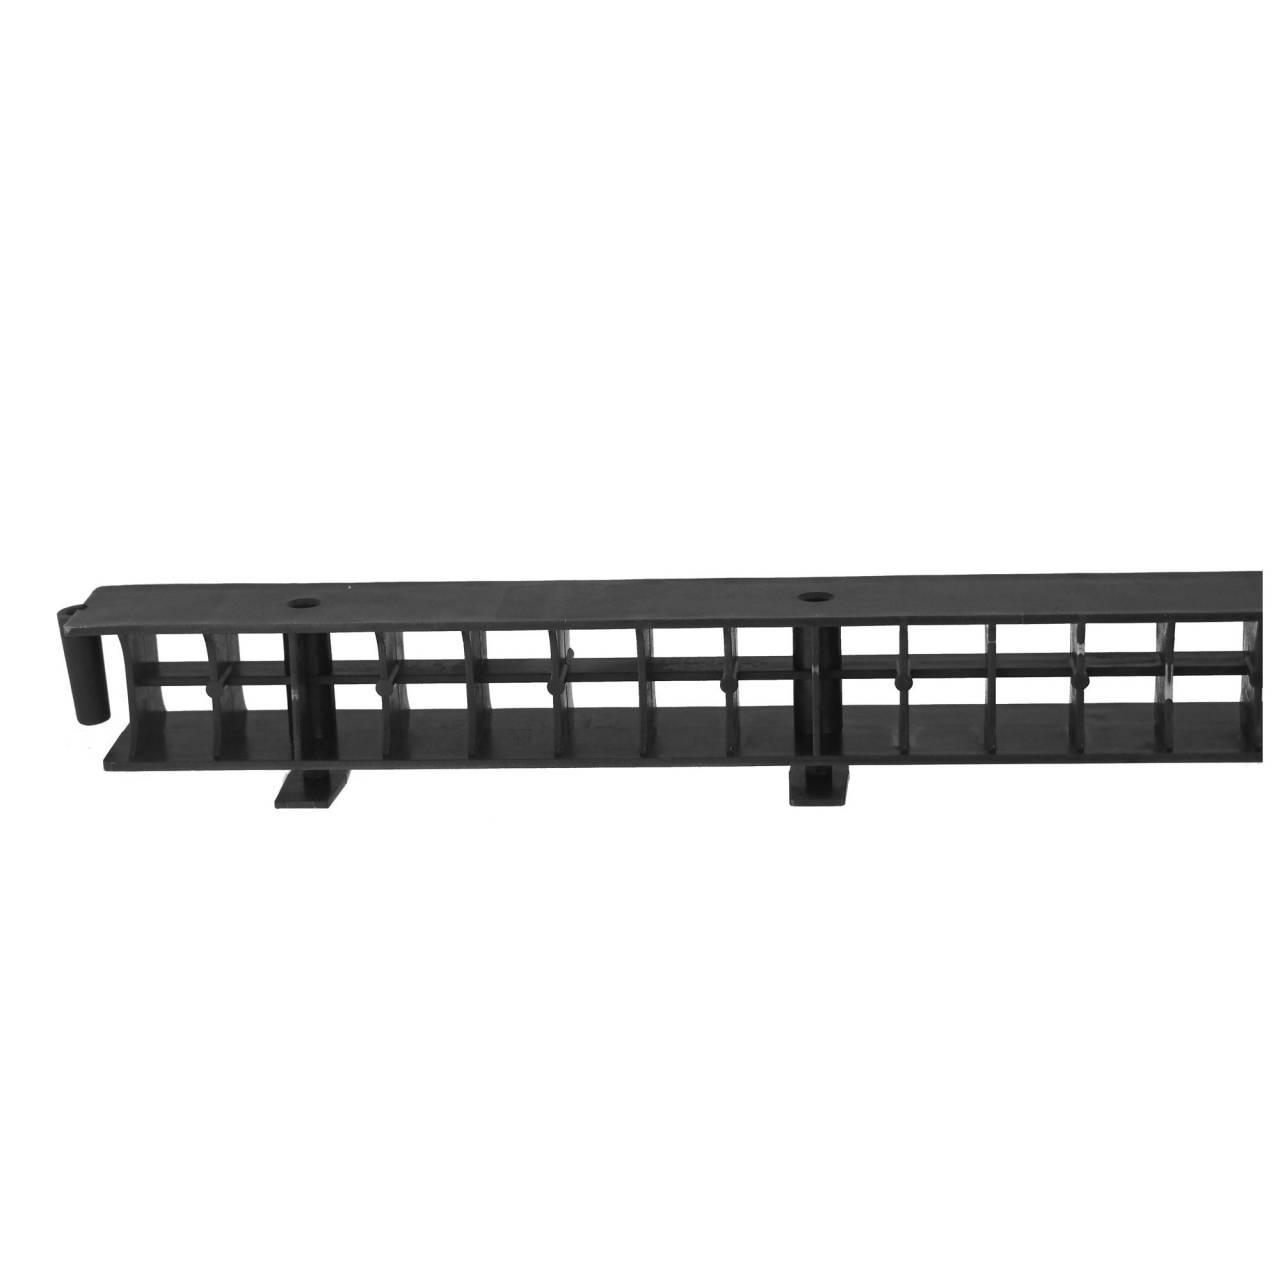 Traufelement ohne Kamm, 1,0 m, schwarz / Pck a 10 Stück